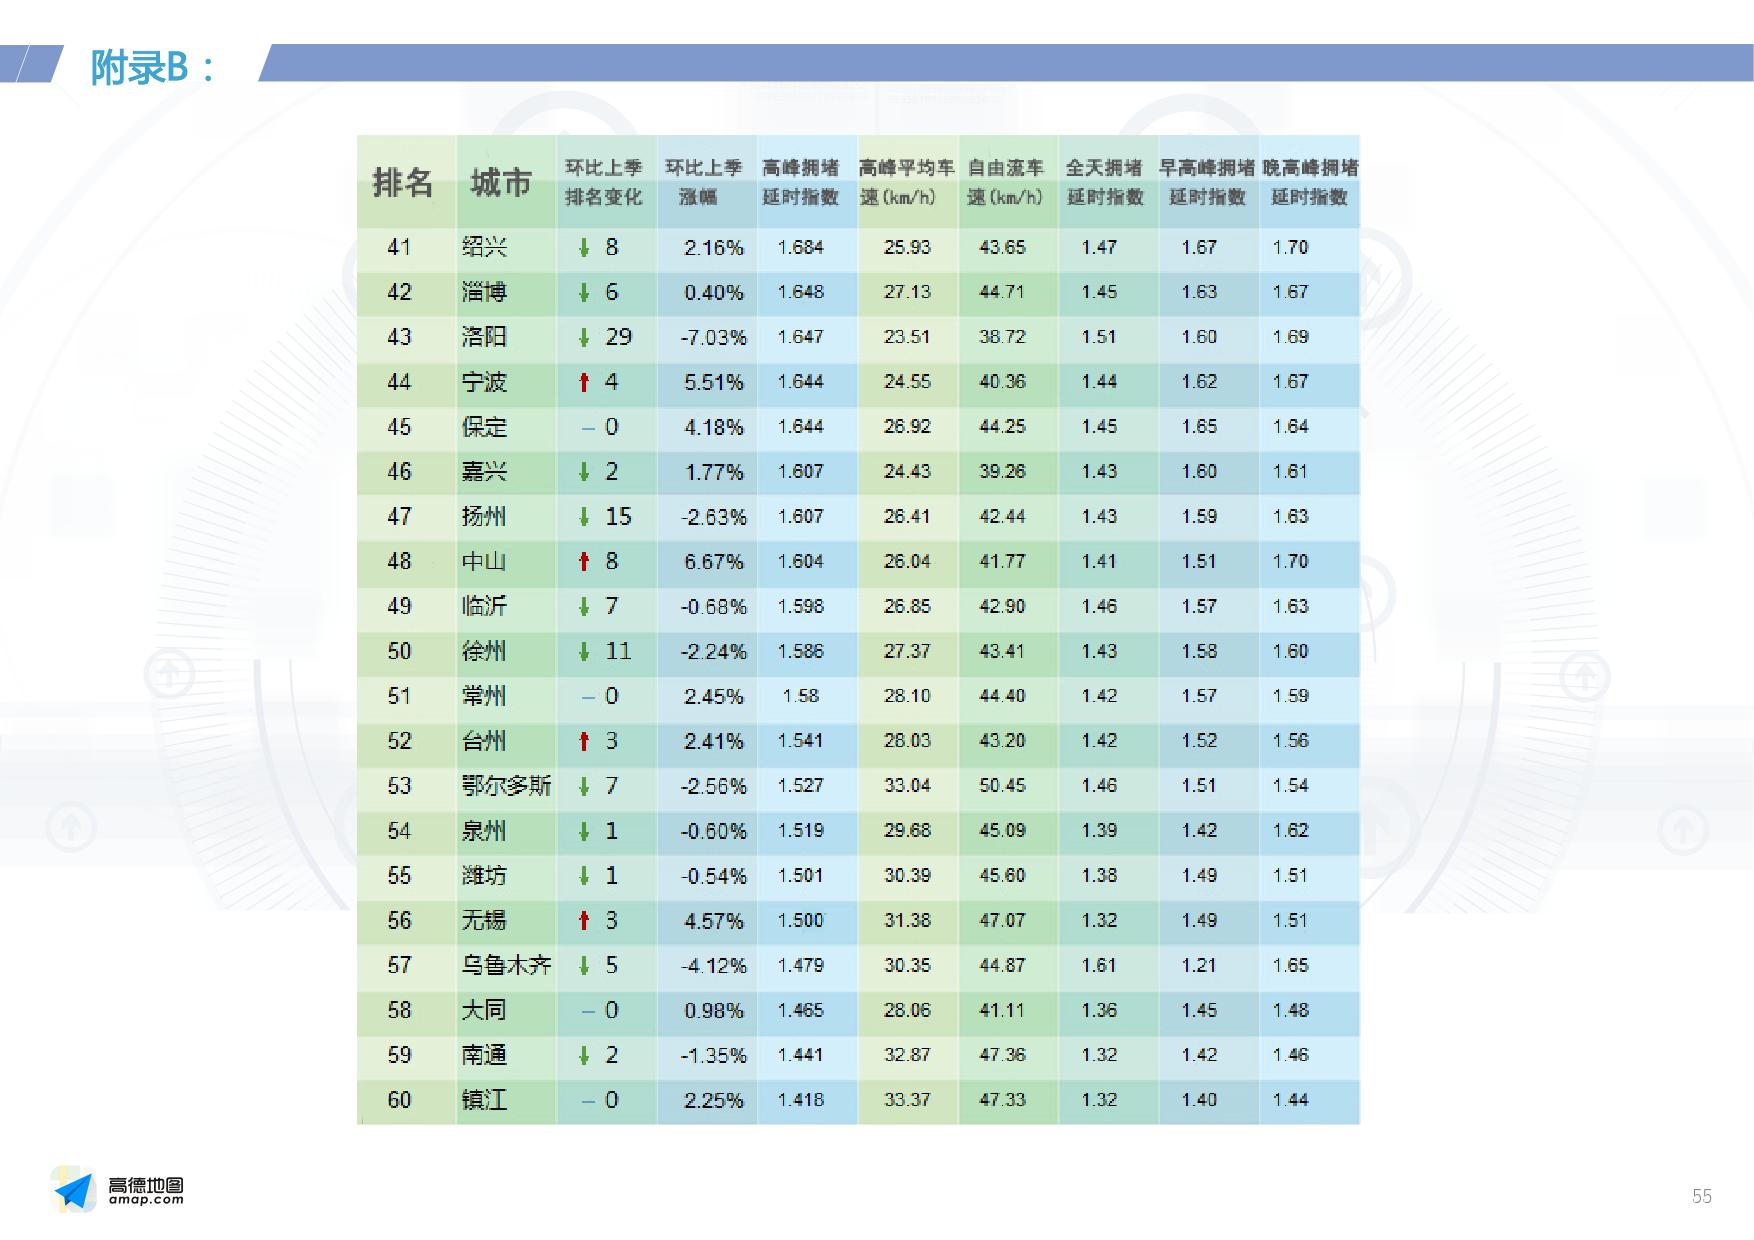 2016年Q2中国主要城市交通分析报告_000055